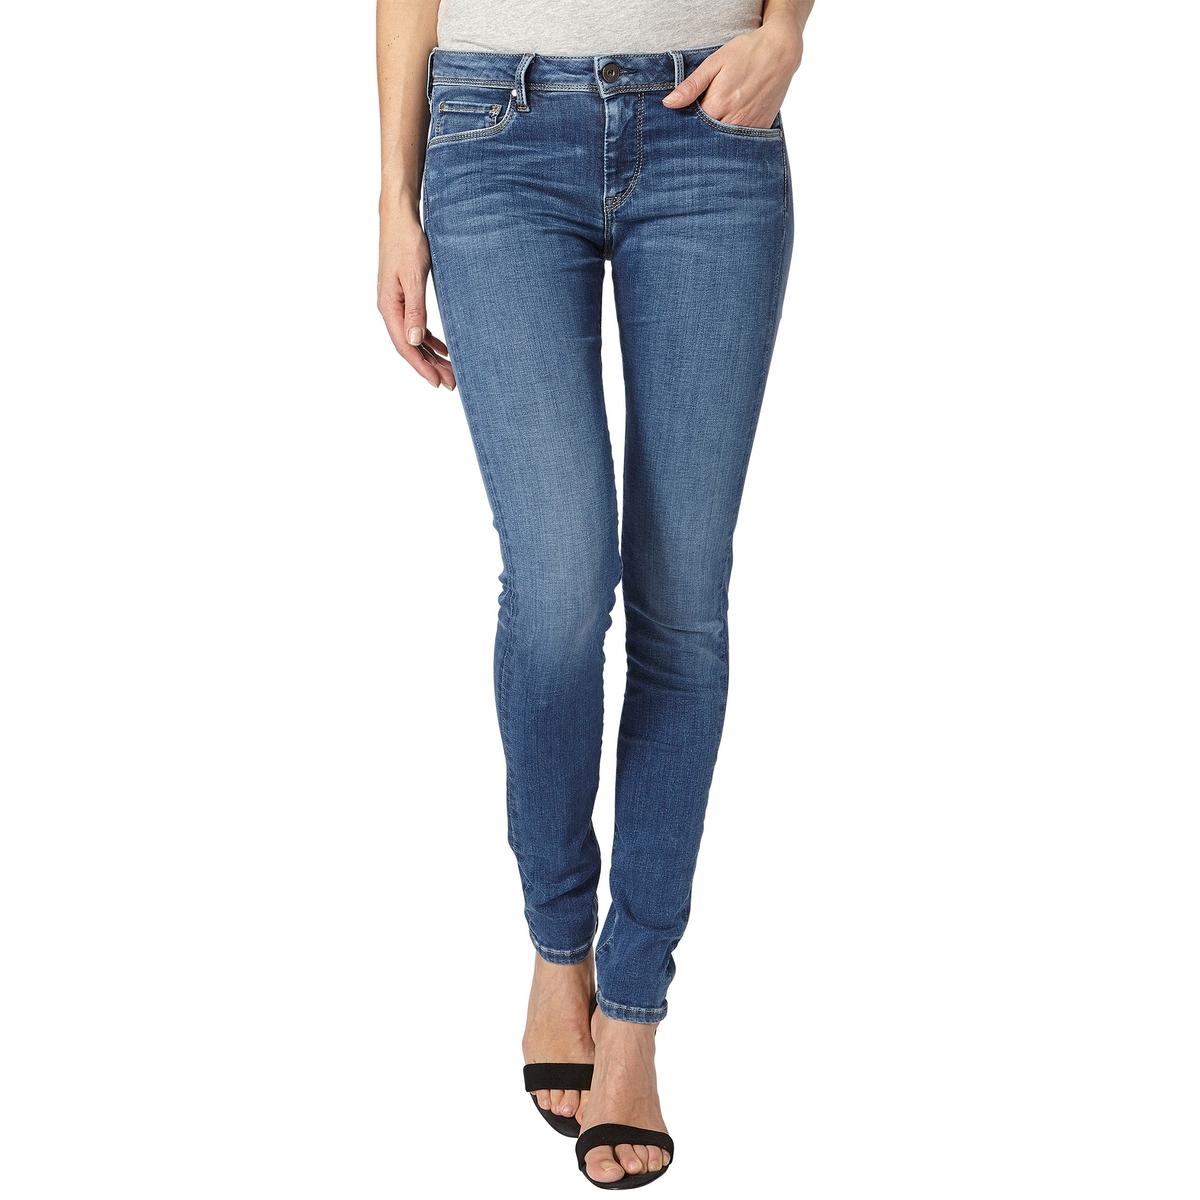 Джинсы скинни LOLAМатериал : 91% хлопка, 5% эластомультиэстера, 4% эластана       Высота пояса : стандартная      Покрой джинсов : скинни      Длина джинсов : длина 30<br><br>Цвет: синий потертый<br>Размер: 28 длина 30.25 длина 30